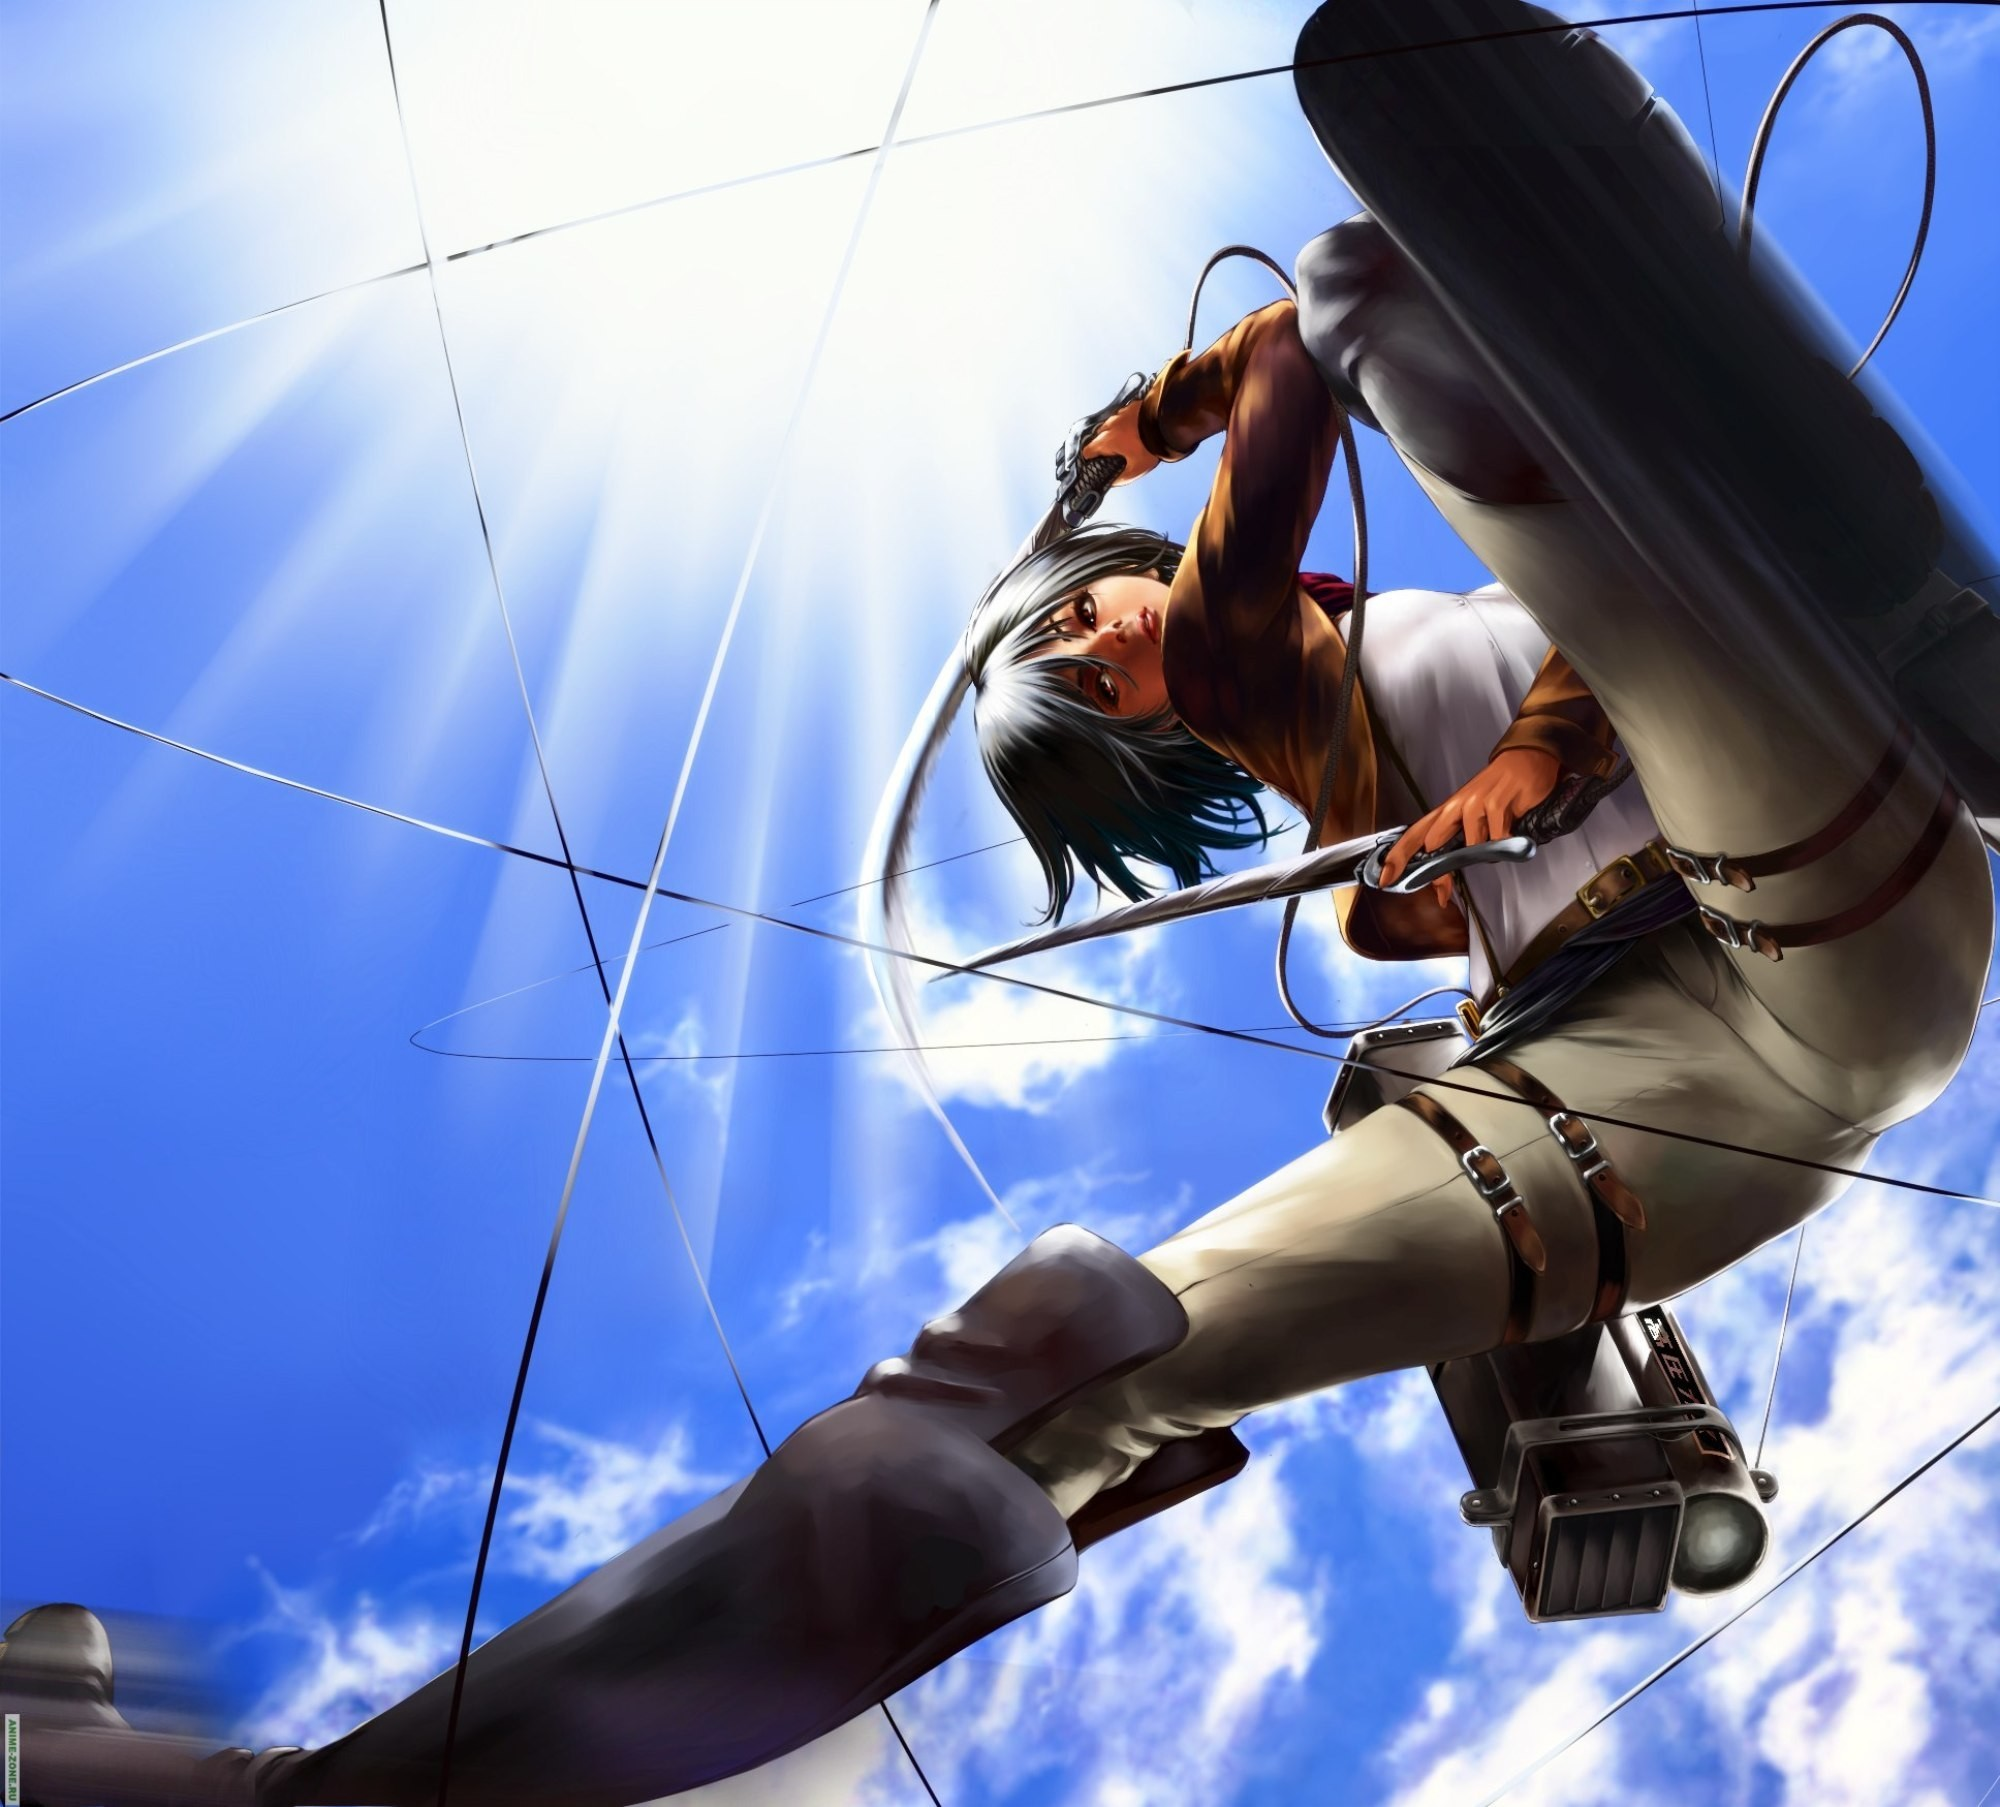 Anime Girl Attack On Titan Mikasa Titans